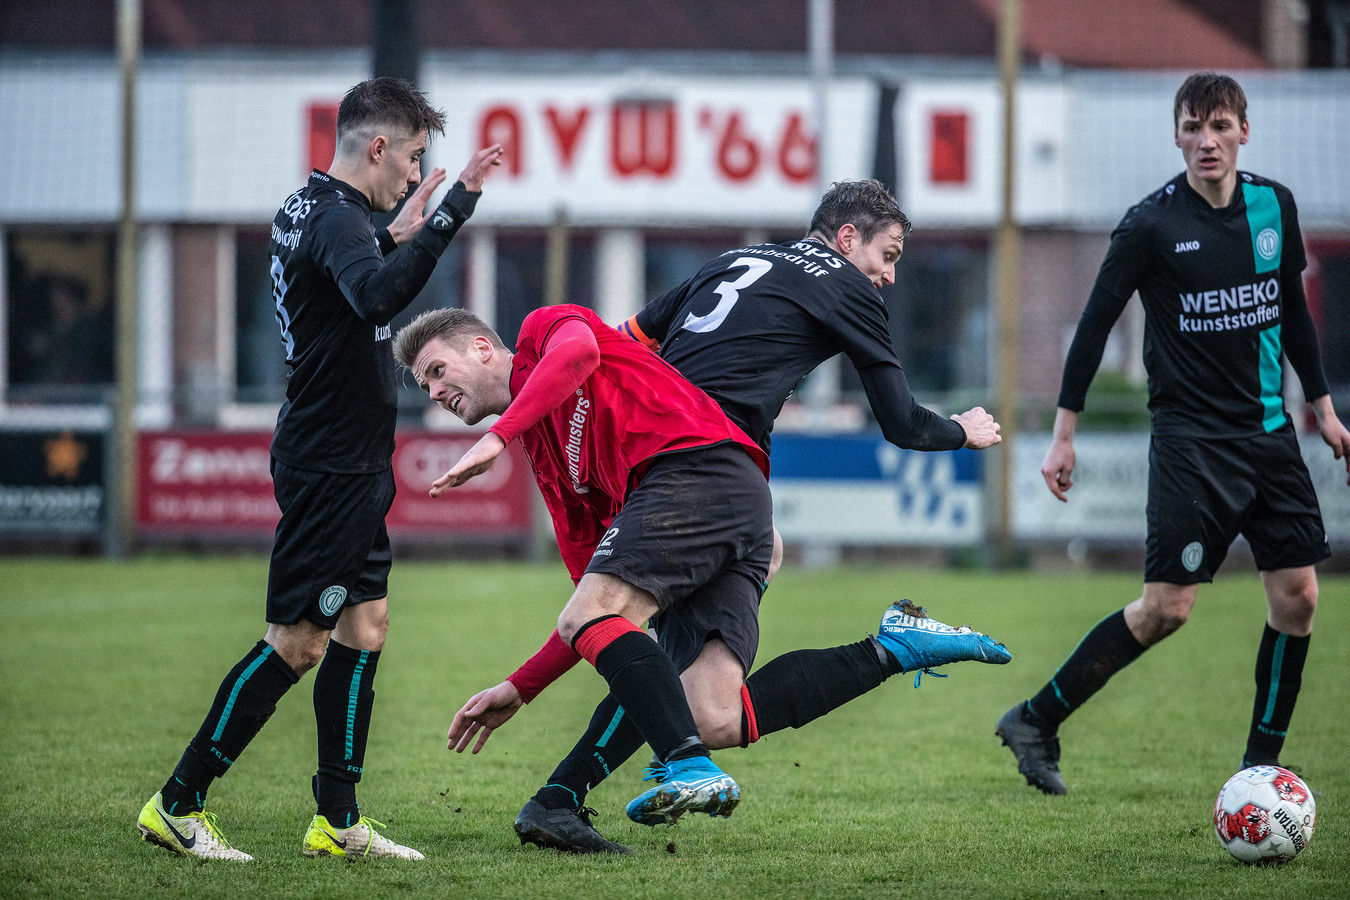 Gaat FC Dinxperlo naar de zaterdag of de zondag met het prestatieve voetbal?